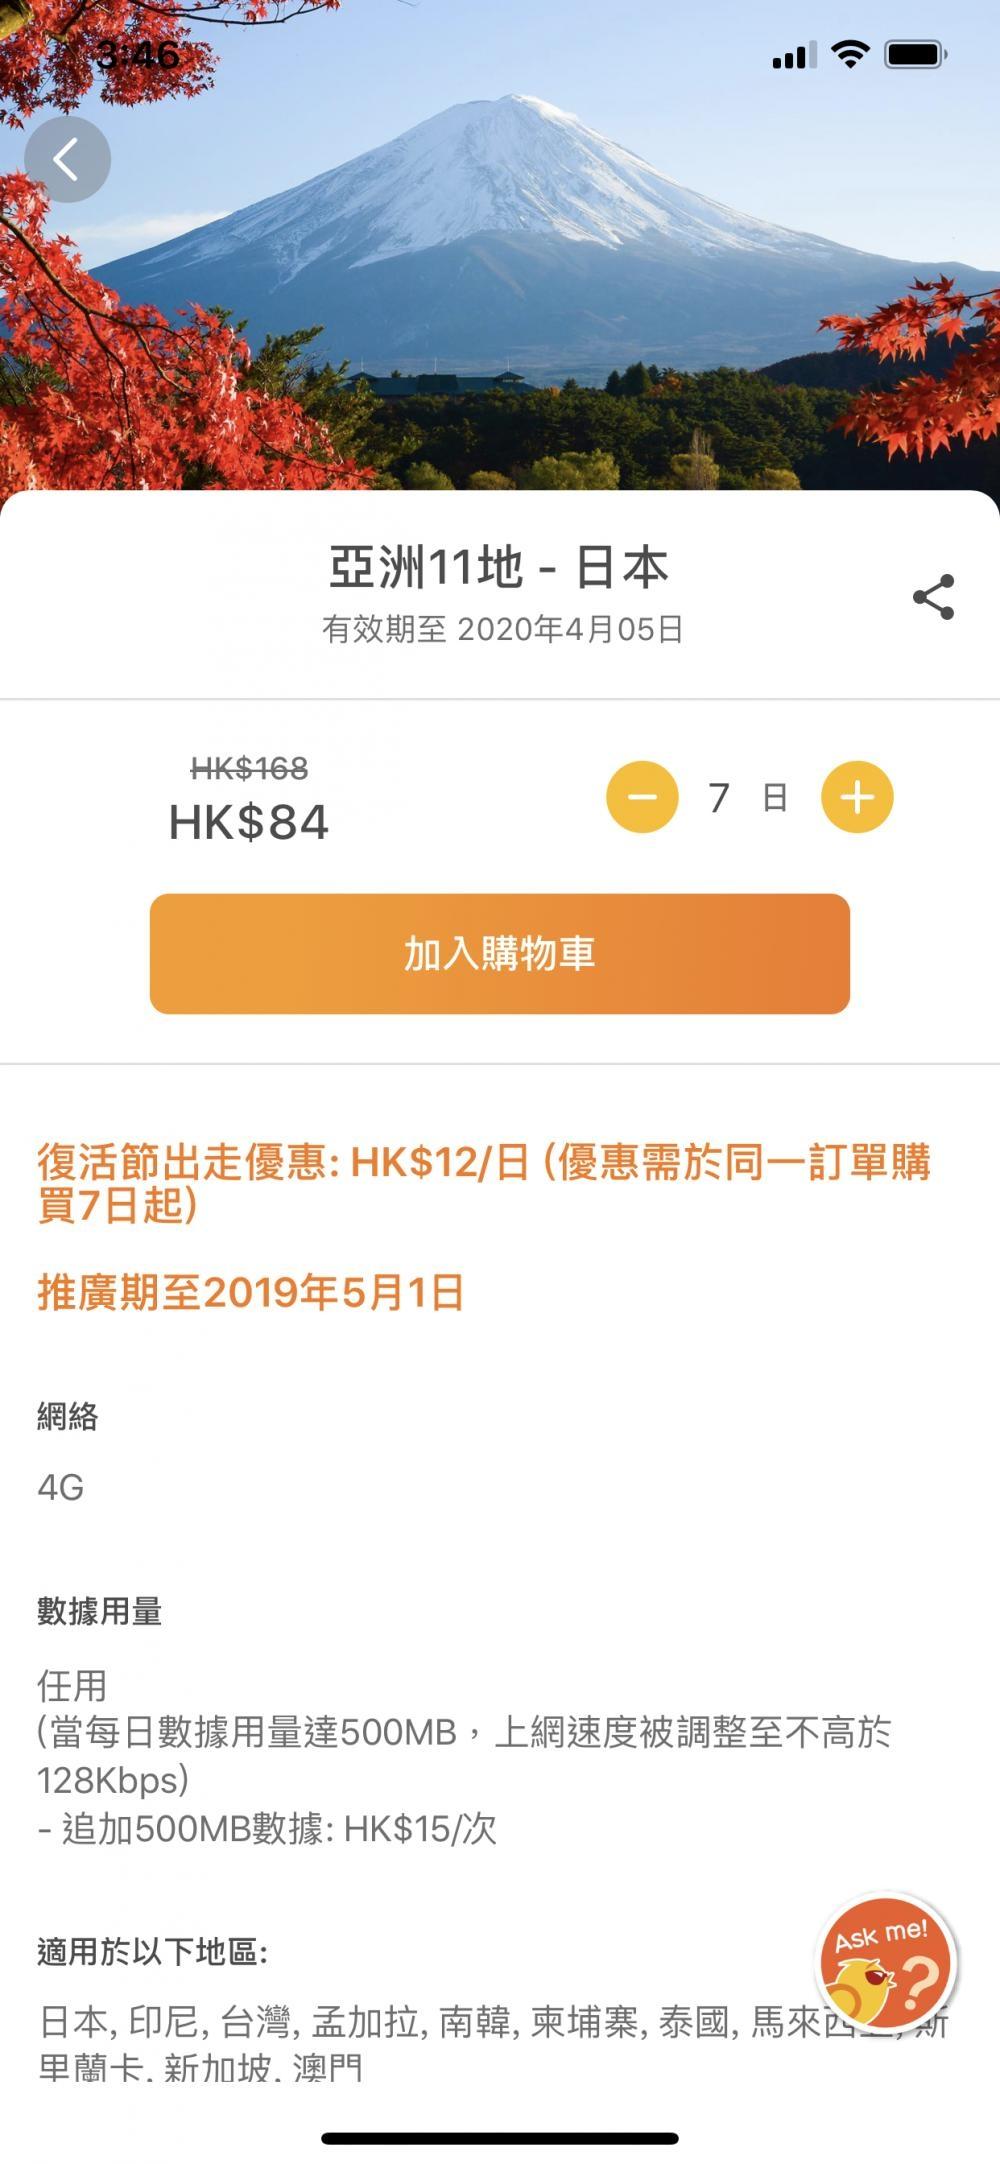 凡購買「亞洲11地」全新遨遊SIM或加購外遊數據日費7日或以上,外遊日費只需$12/日。